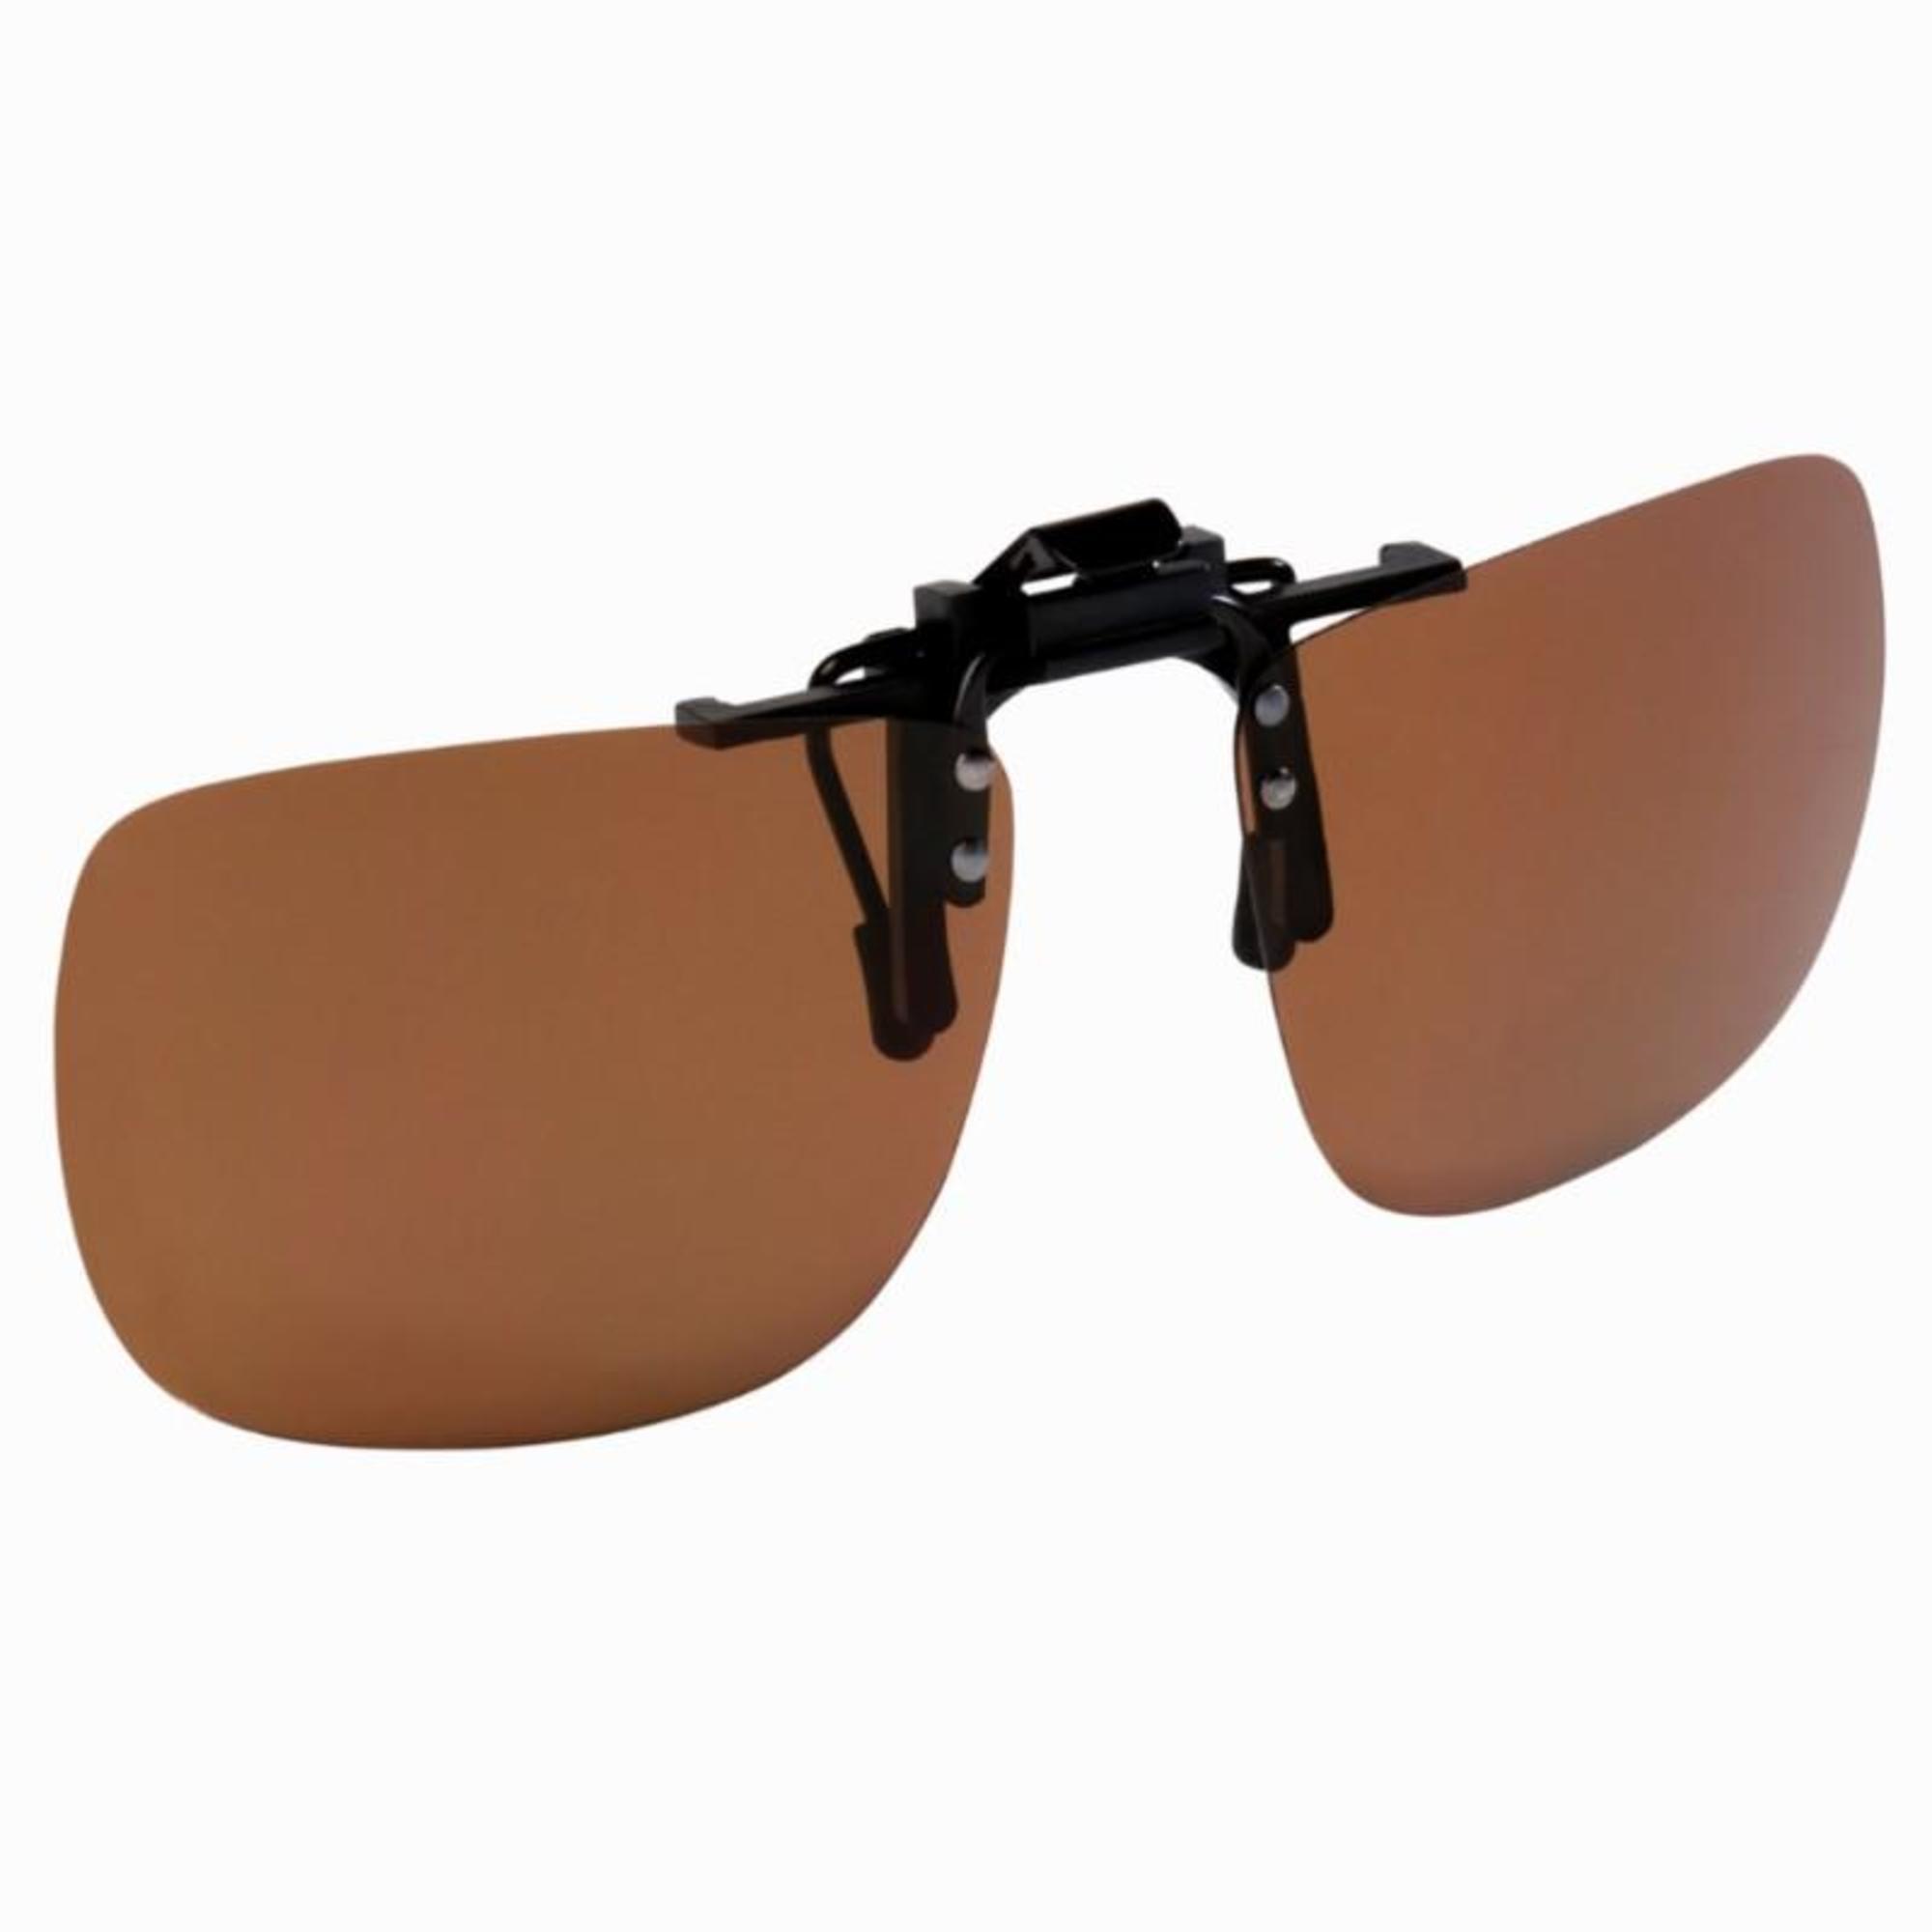 Caperlan Opzetclip hengelsport Dusky Clip-on kopen? Sport>Sportbrillen>Zonnebrillen met voordeel vind je hier